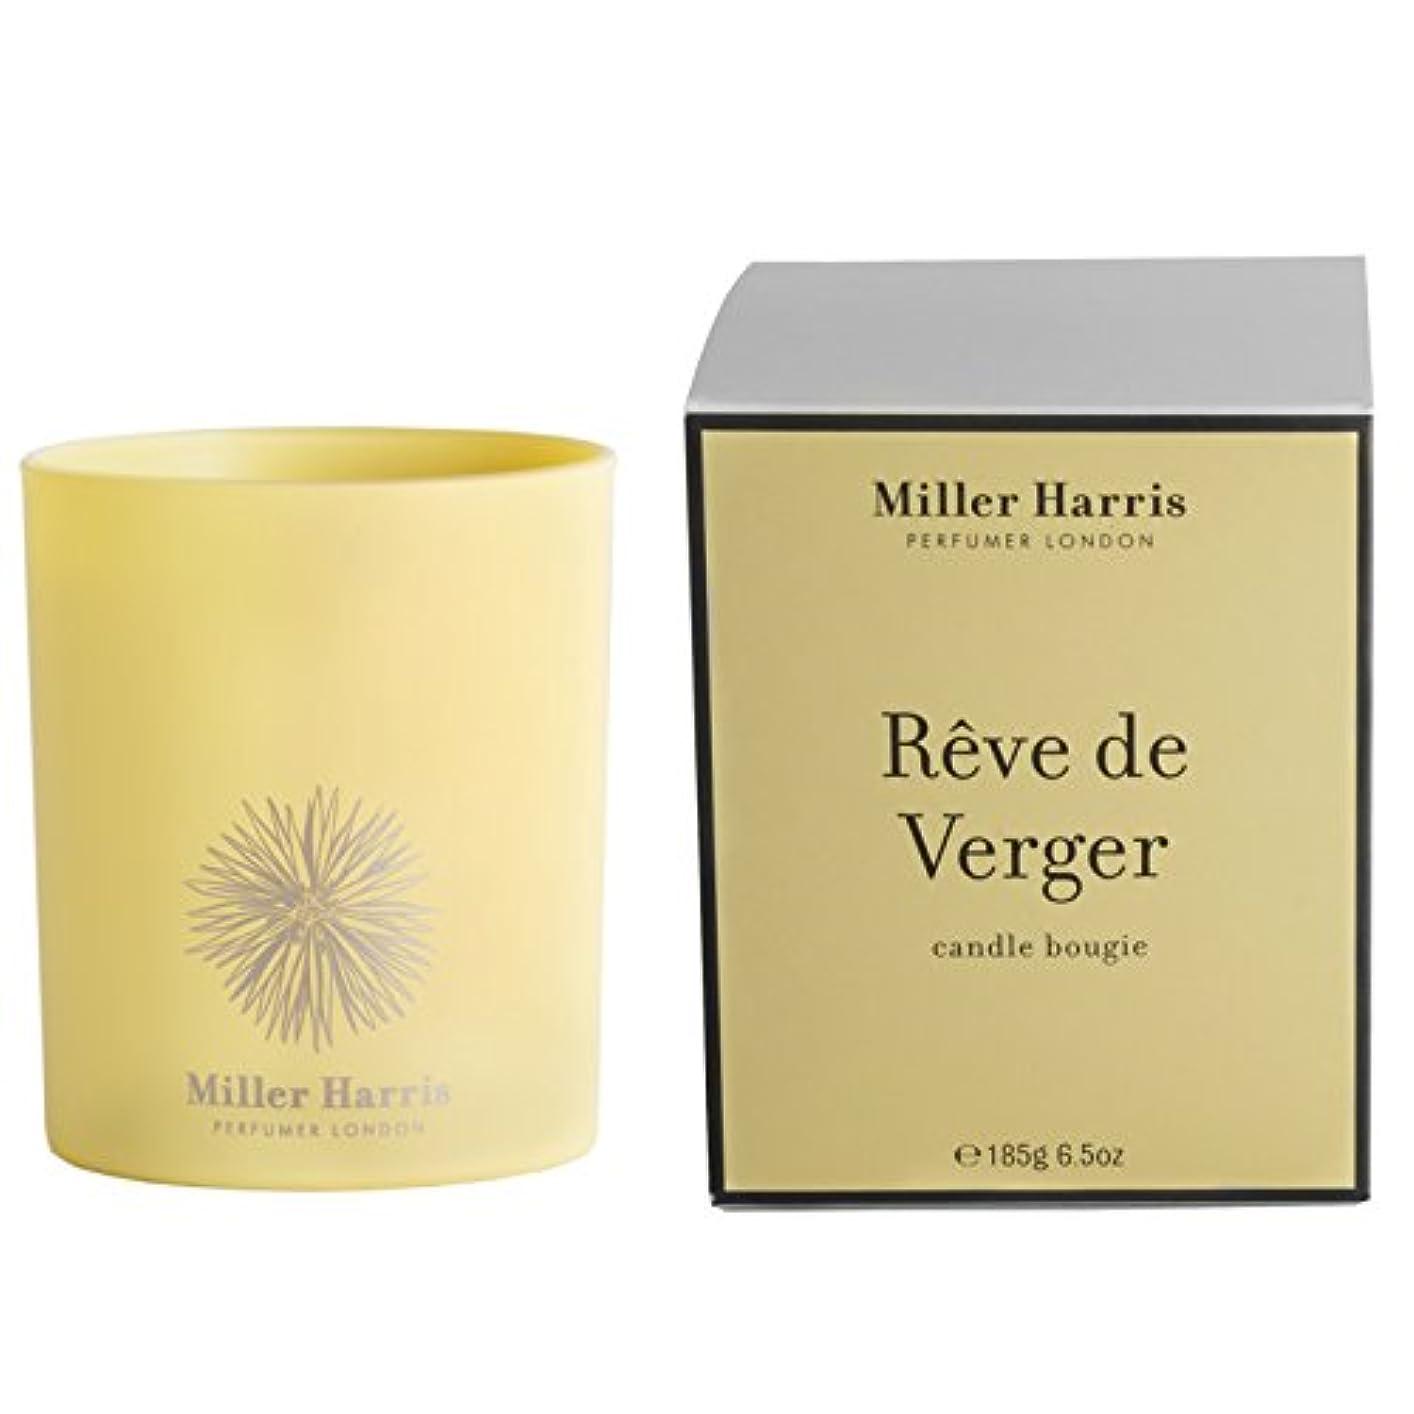 信仰編集者恩赦ミラーハリス Candle - Reve De Verger 185g/6.5oz並行輸入品